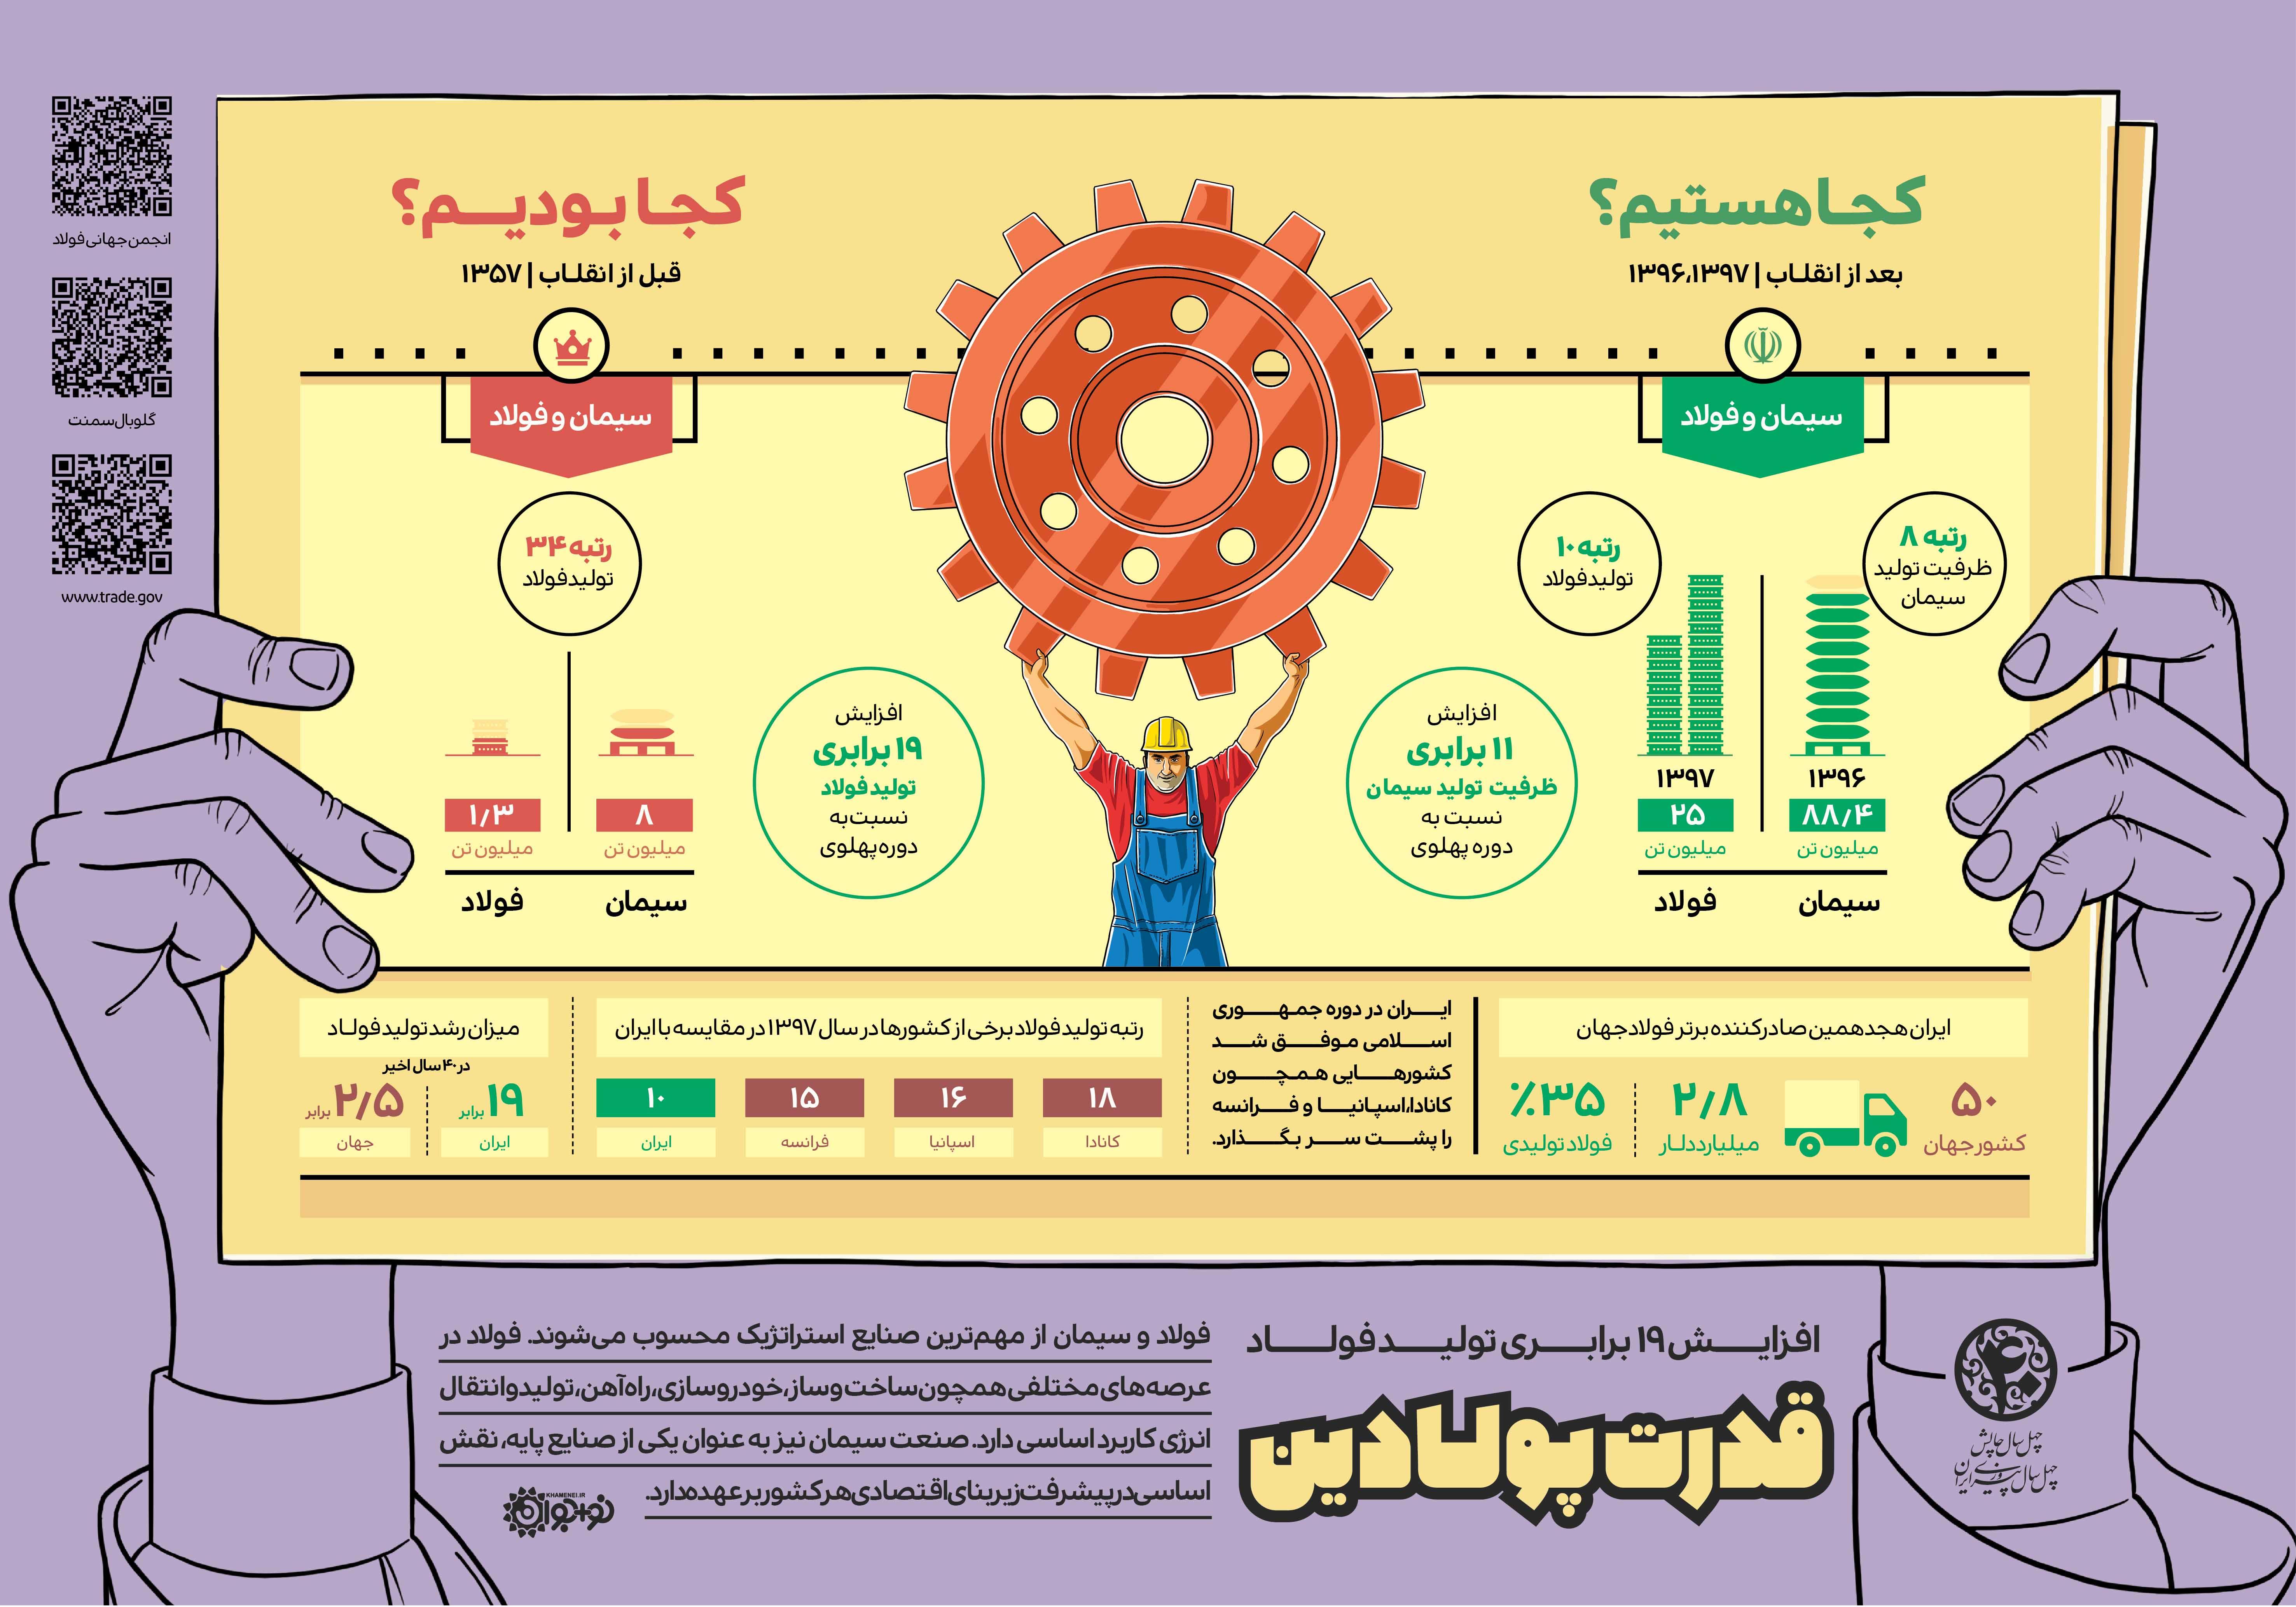 توانایی ملت ایران